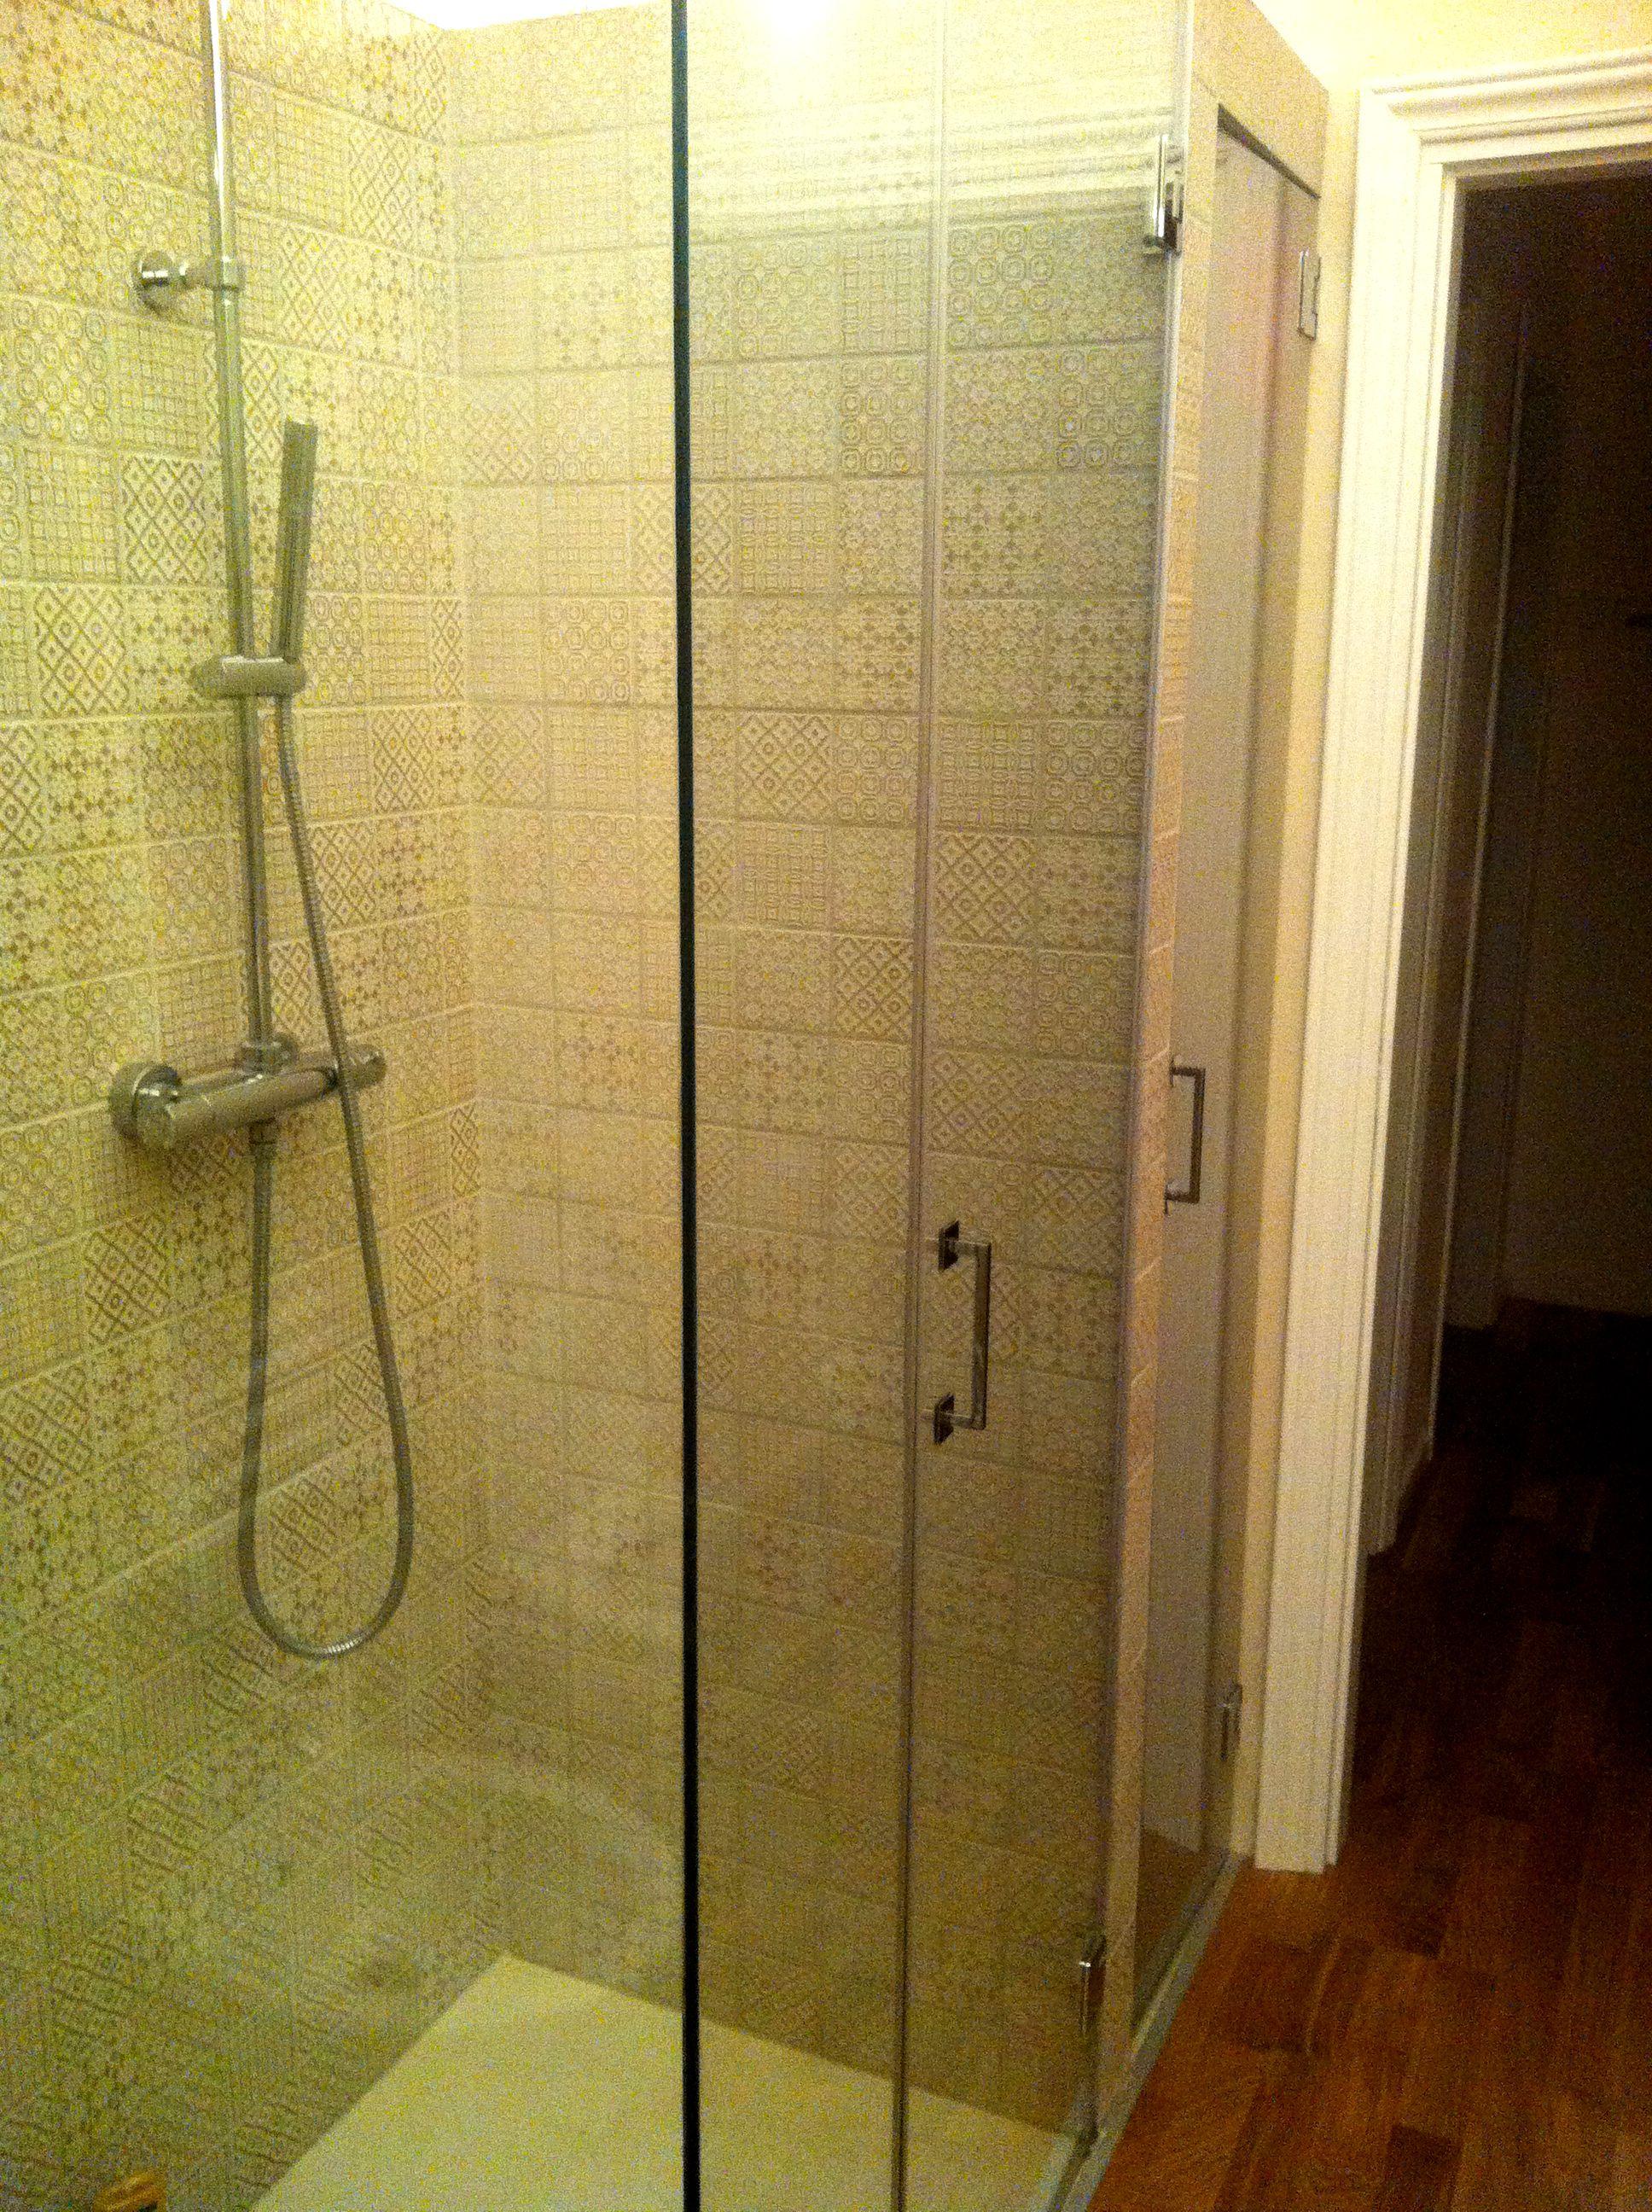 Scorcio del bagno ristrutturato realizzato con parquet in rovere naturale pavimento box doccia - Bagno con parquet ...